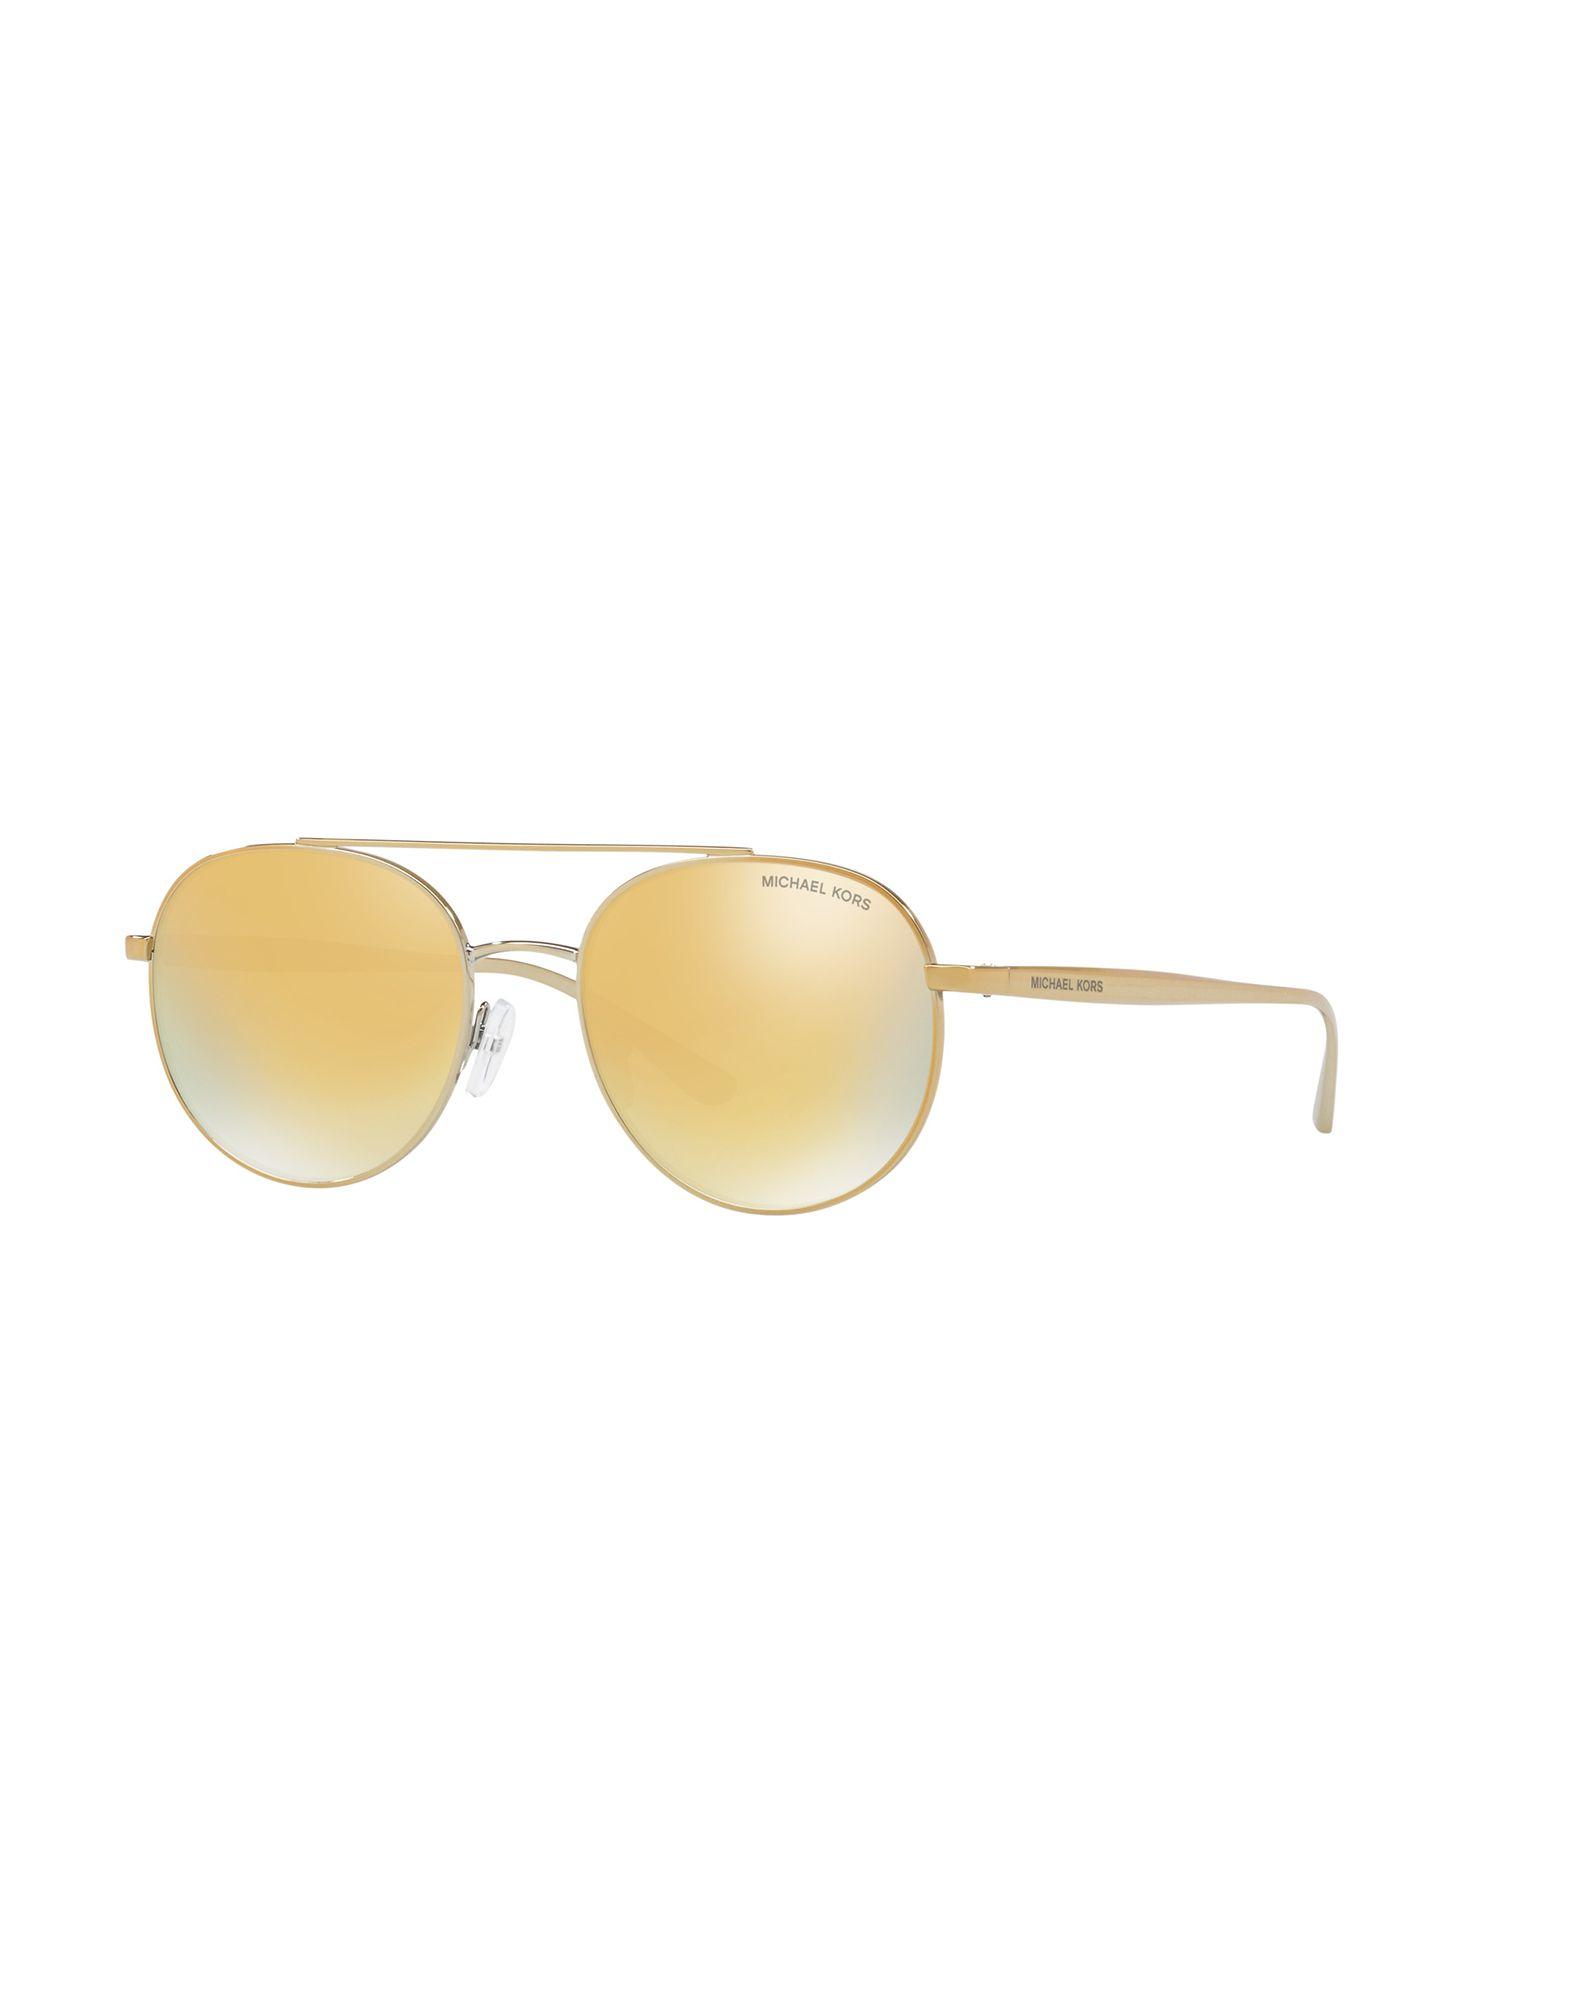 Фото - MICHAEL KORS Солнечные очки 3d очки